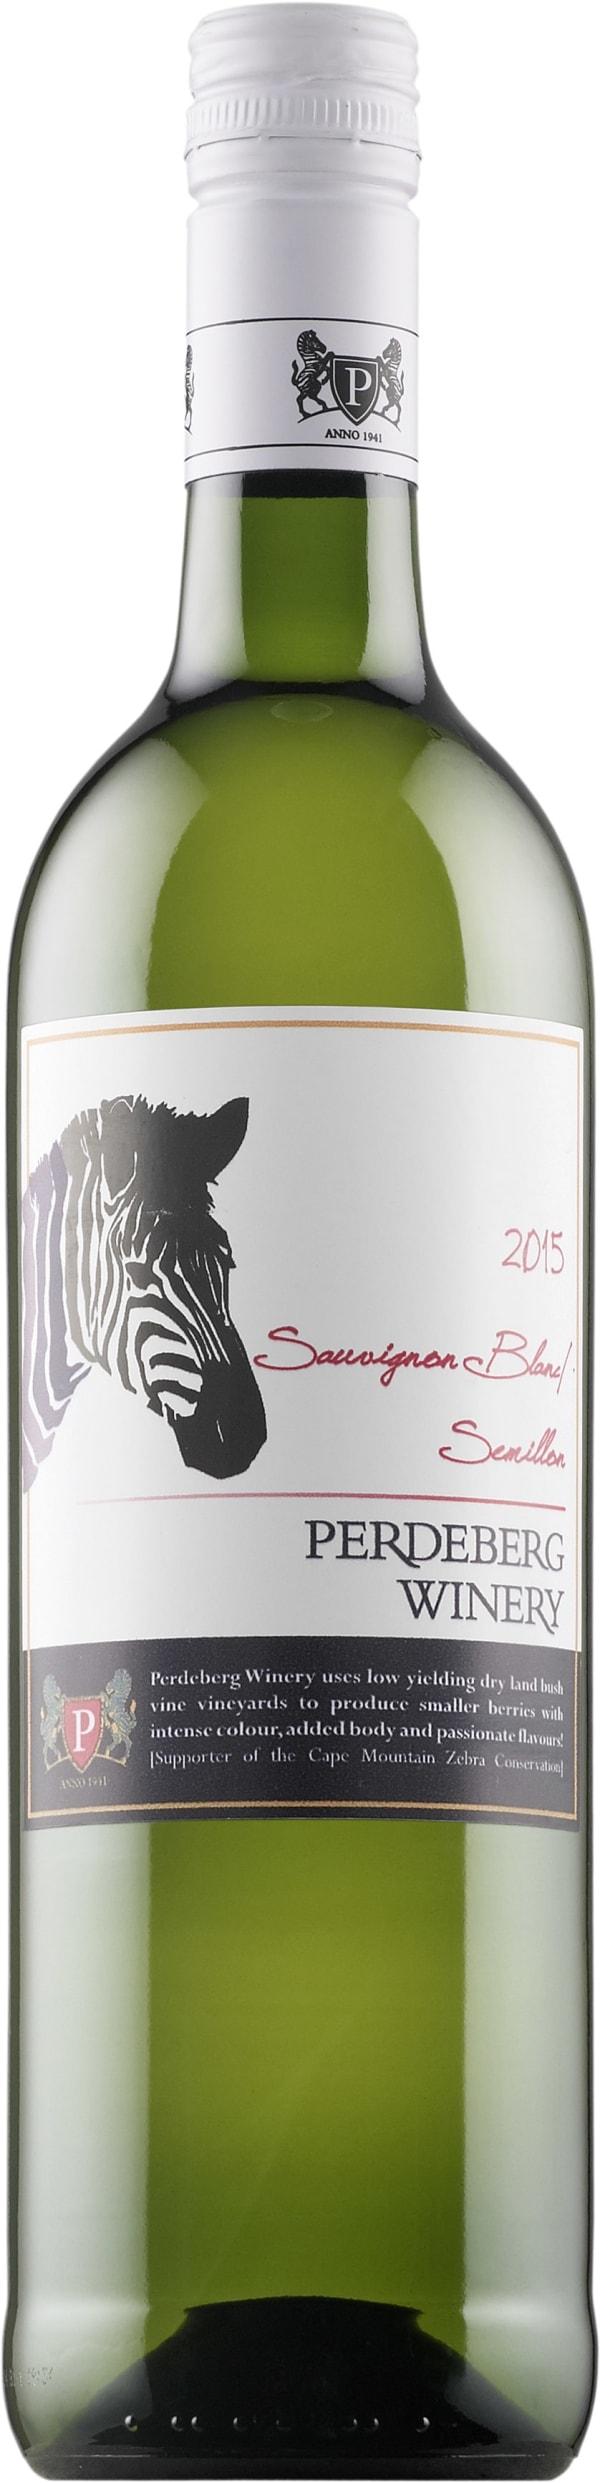 Perdeberg Winery Sauvignon Blanc Semillon 2015